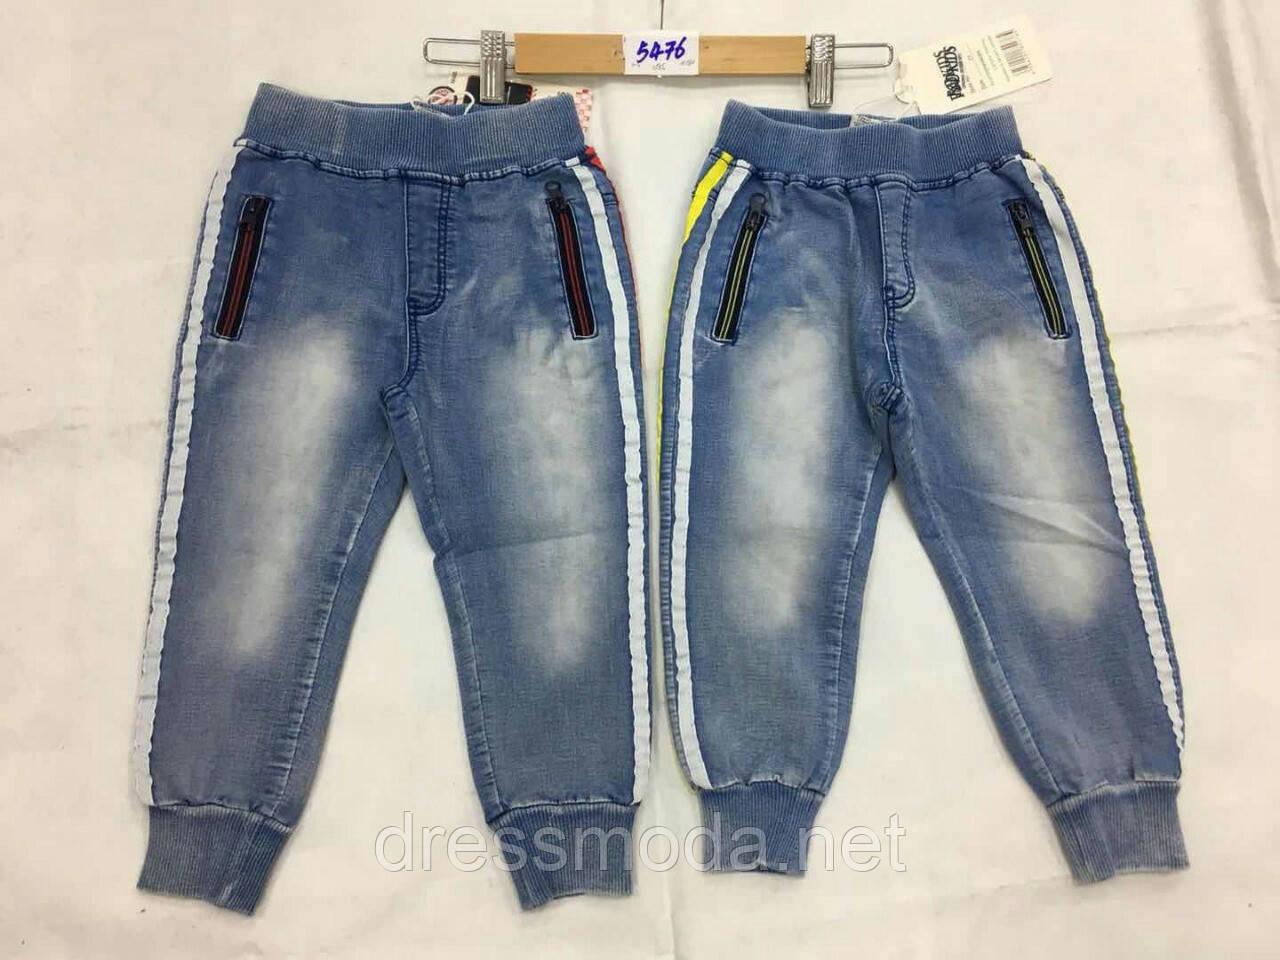 Брюки под джинс для мальчиков F&D 1-5 лет